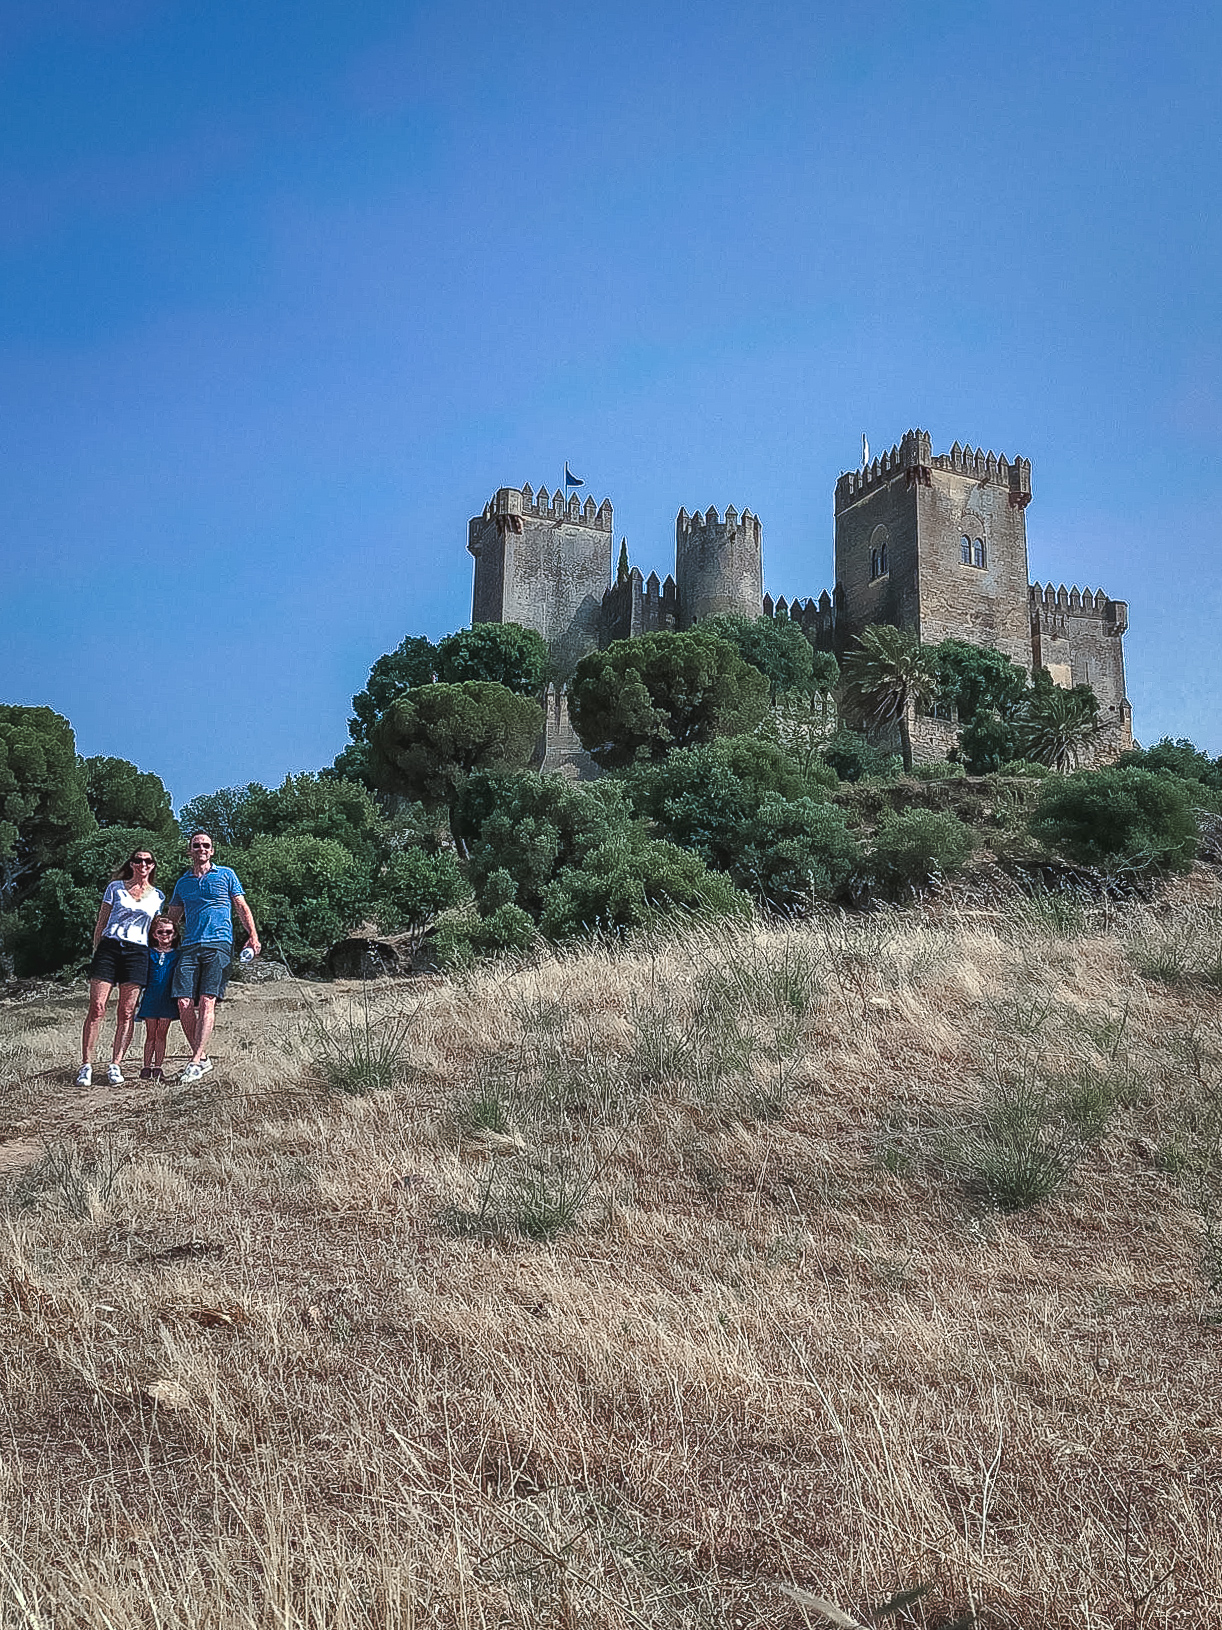 secret-castle-near-seville-spain.jpg